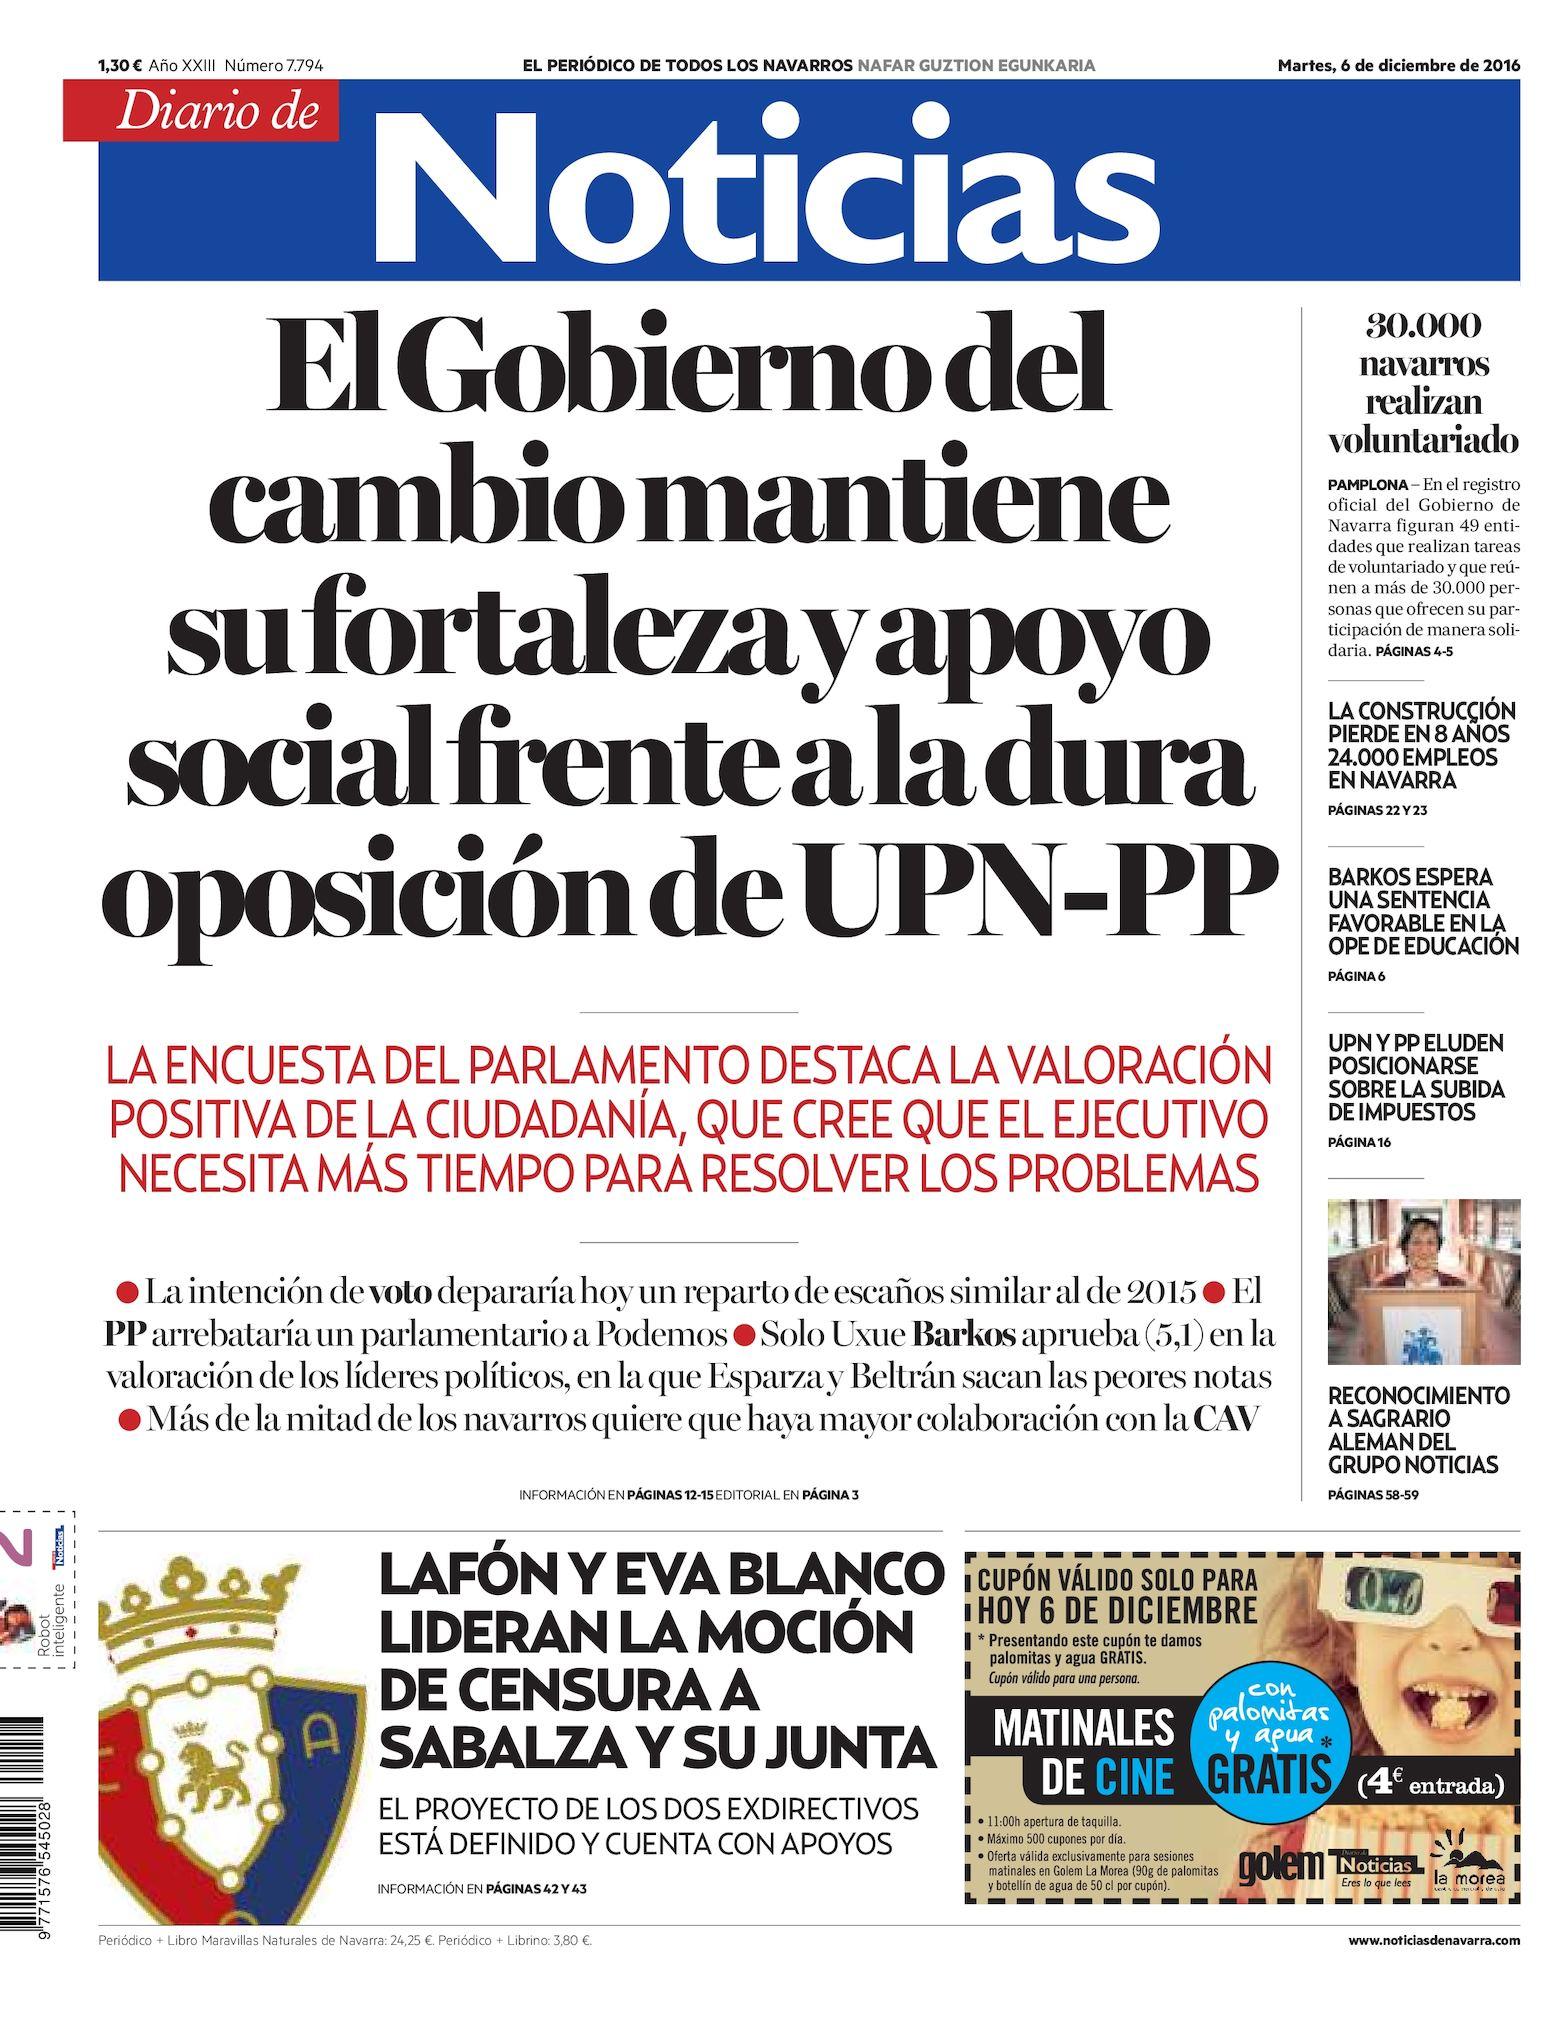 Calaméo - Diario de Noticias 20161206 c09e42cac0c82